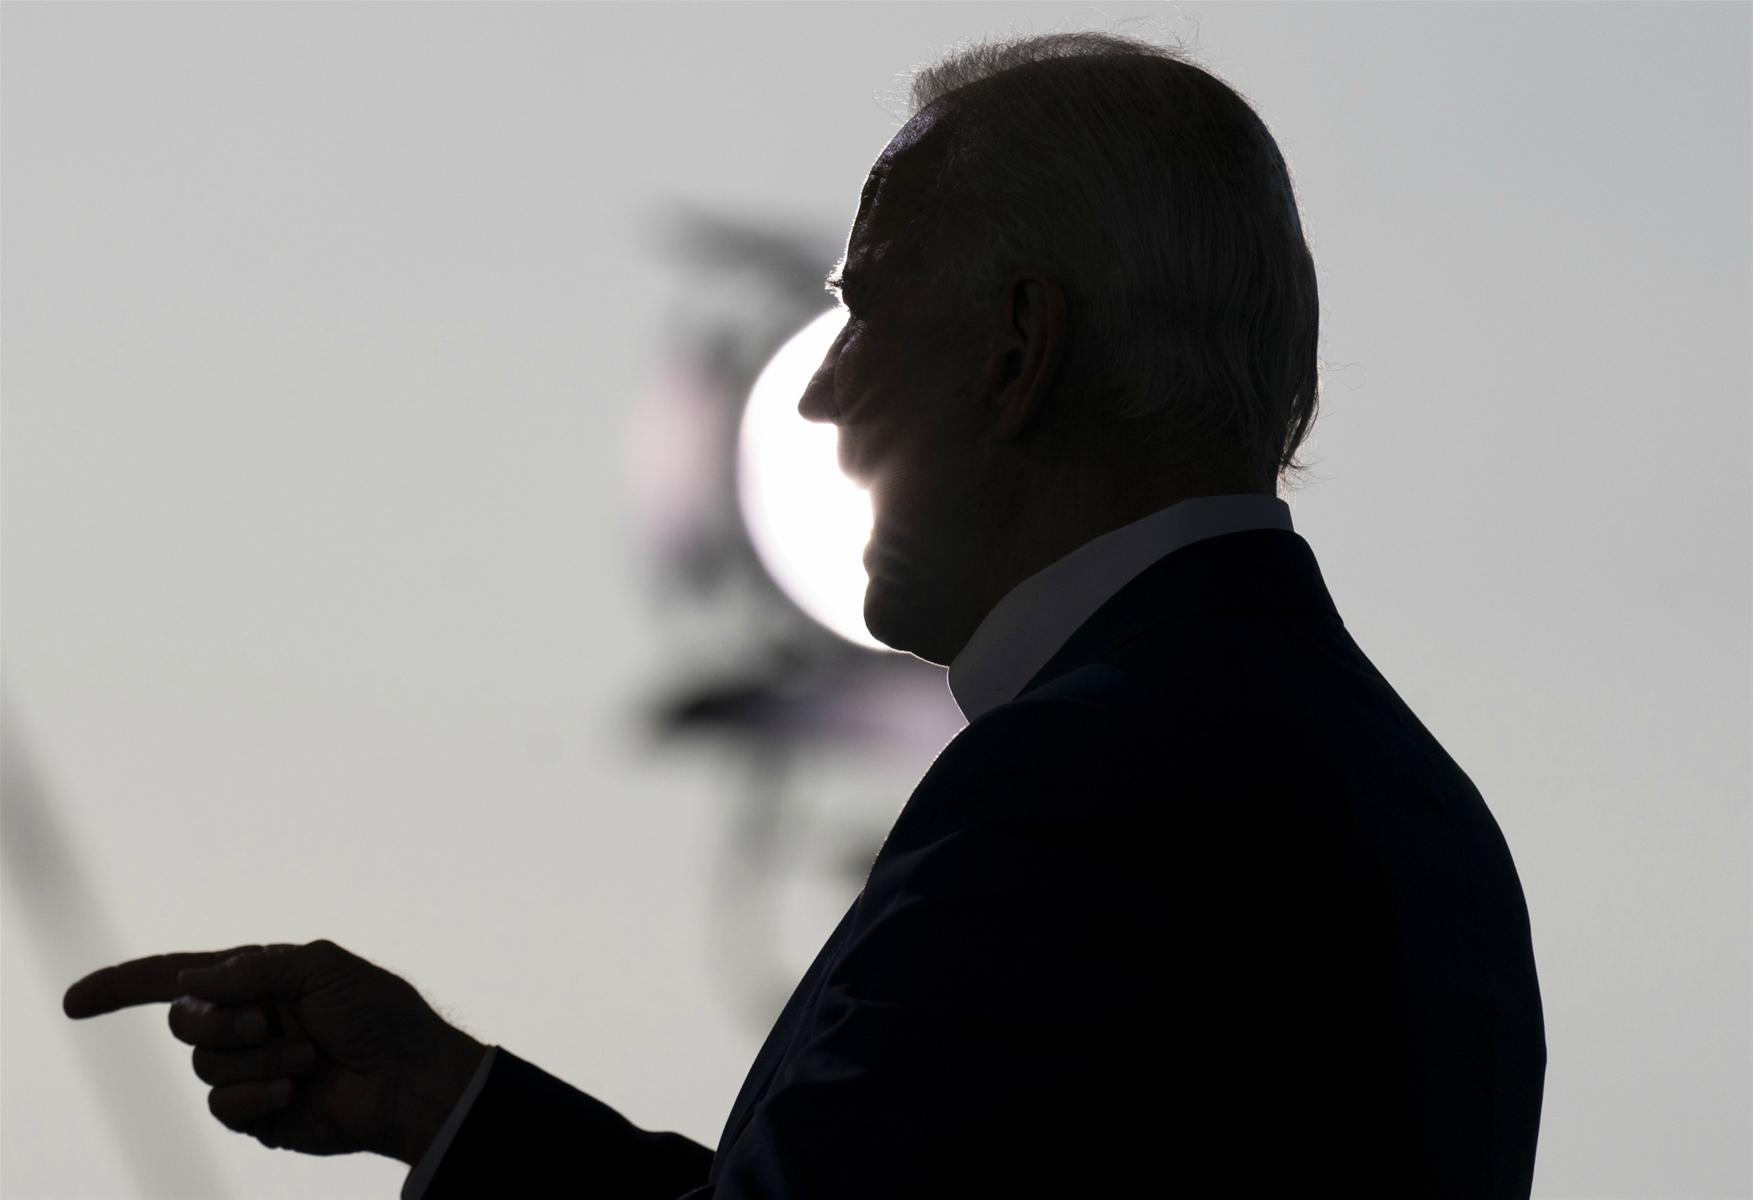 Τζ. Μπάιντεν: Αν εκλεγώ, θα αναγνωρίσω τη γενοκτονία των Αρμενίων | Liberal.gr